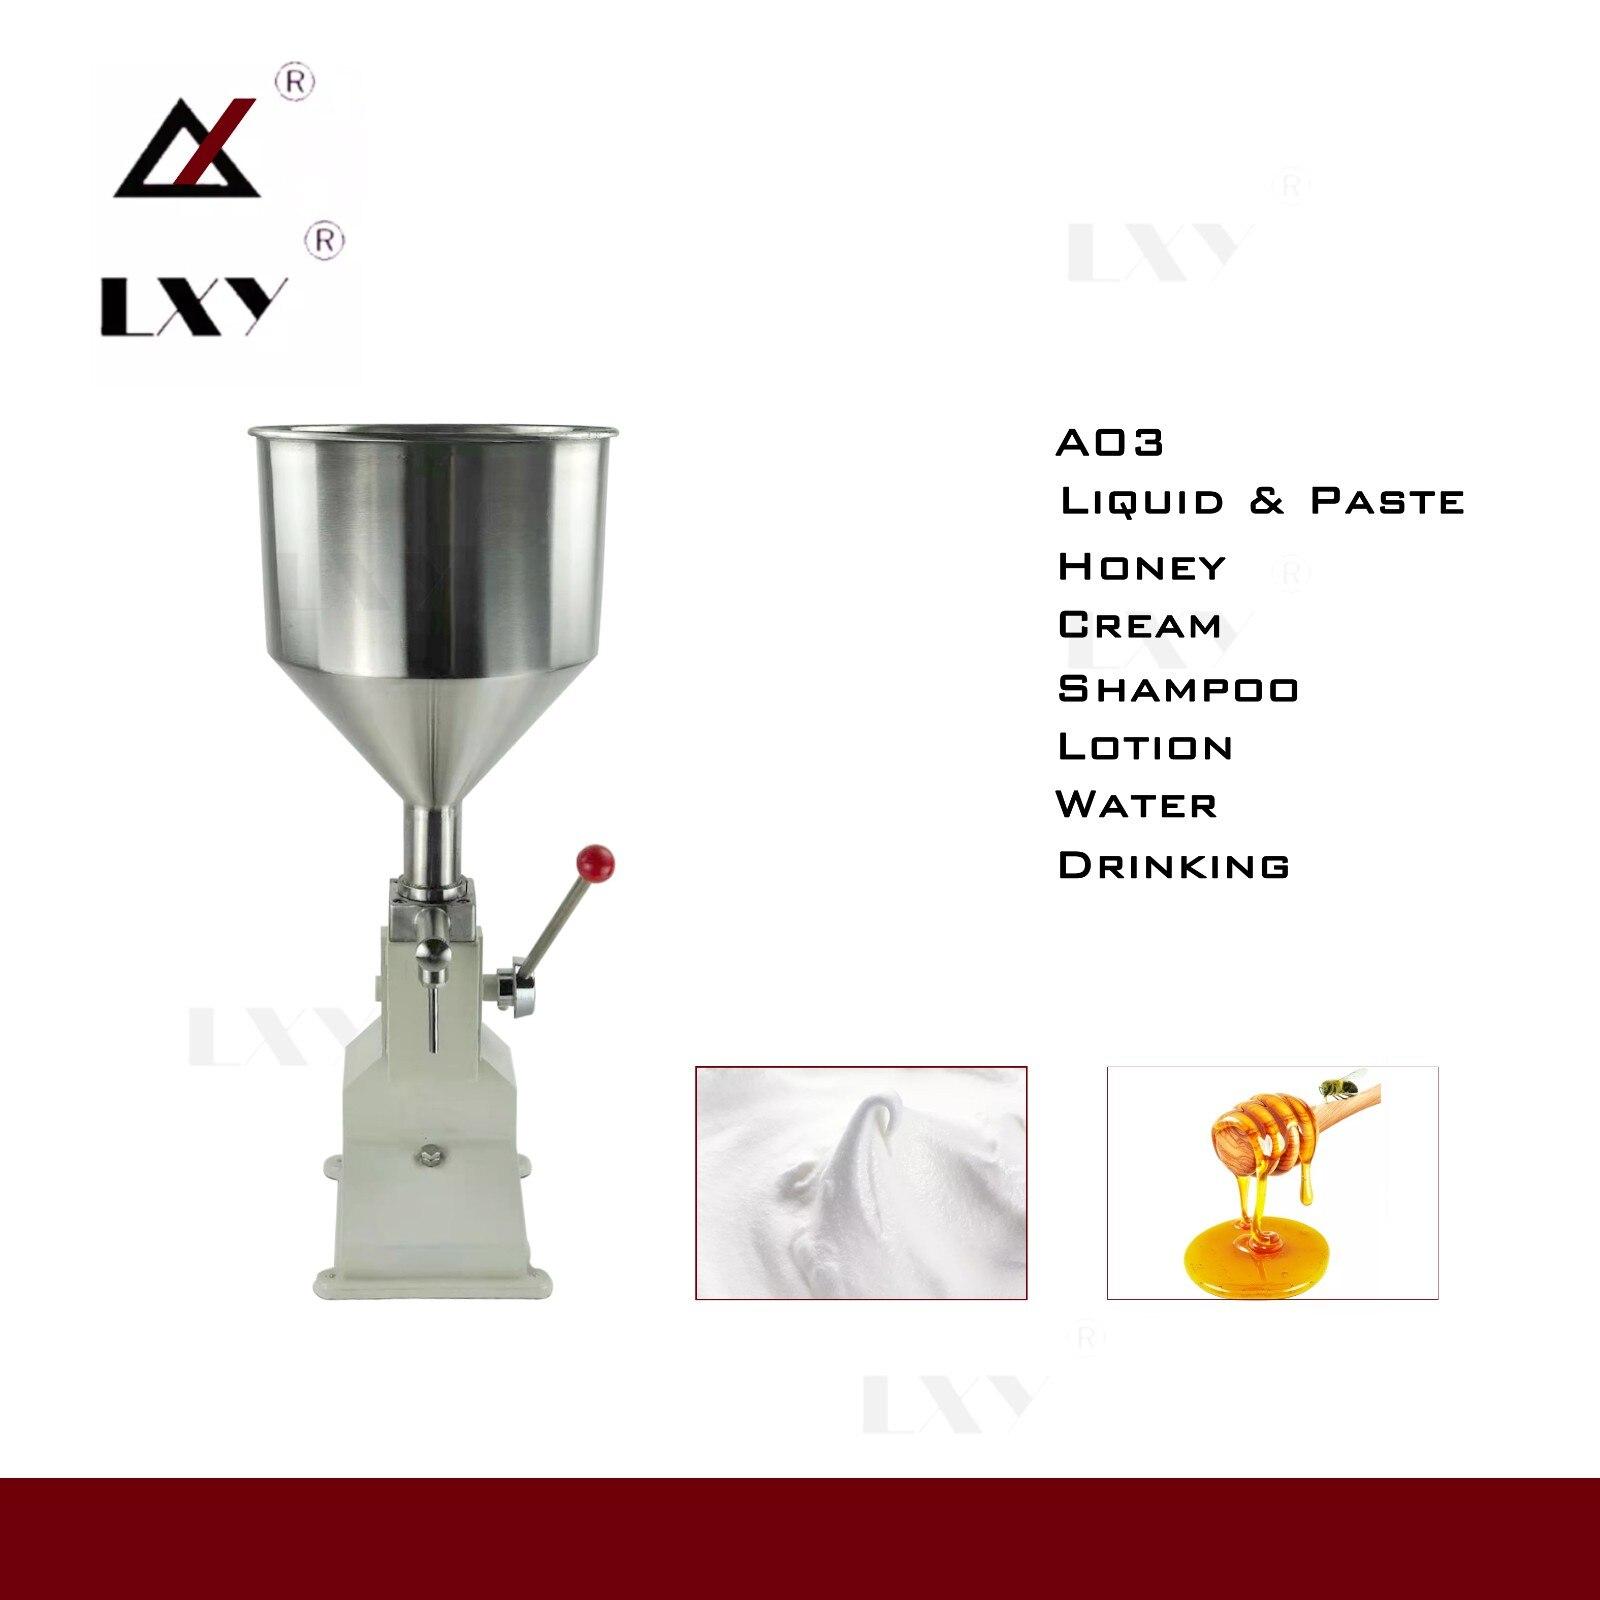 A03 ручная машина для розлива лака для ногтей 5 ~ 50 мл для крема шампуня Косметическая жидкая паста масляный наполнитель